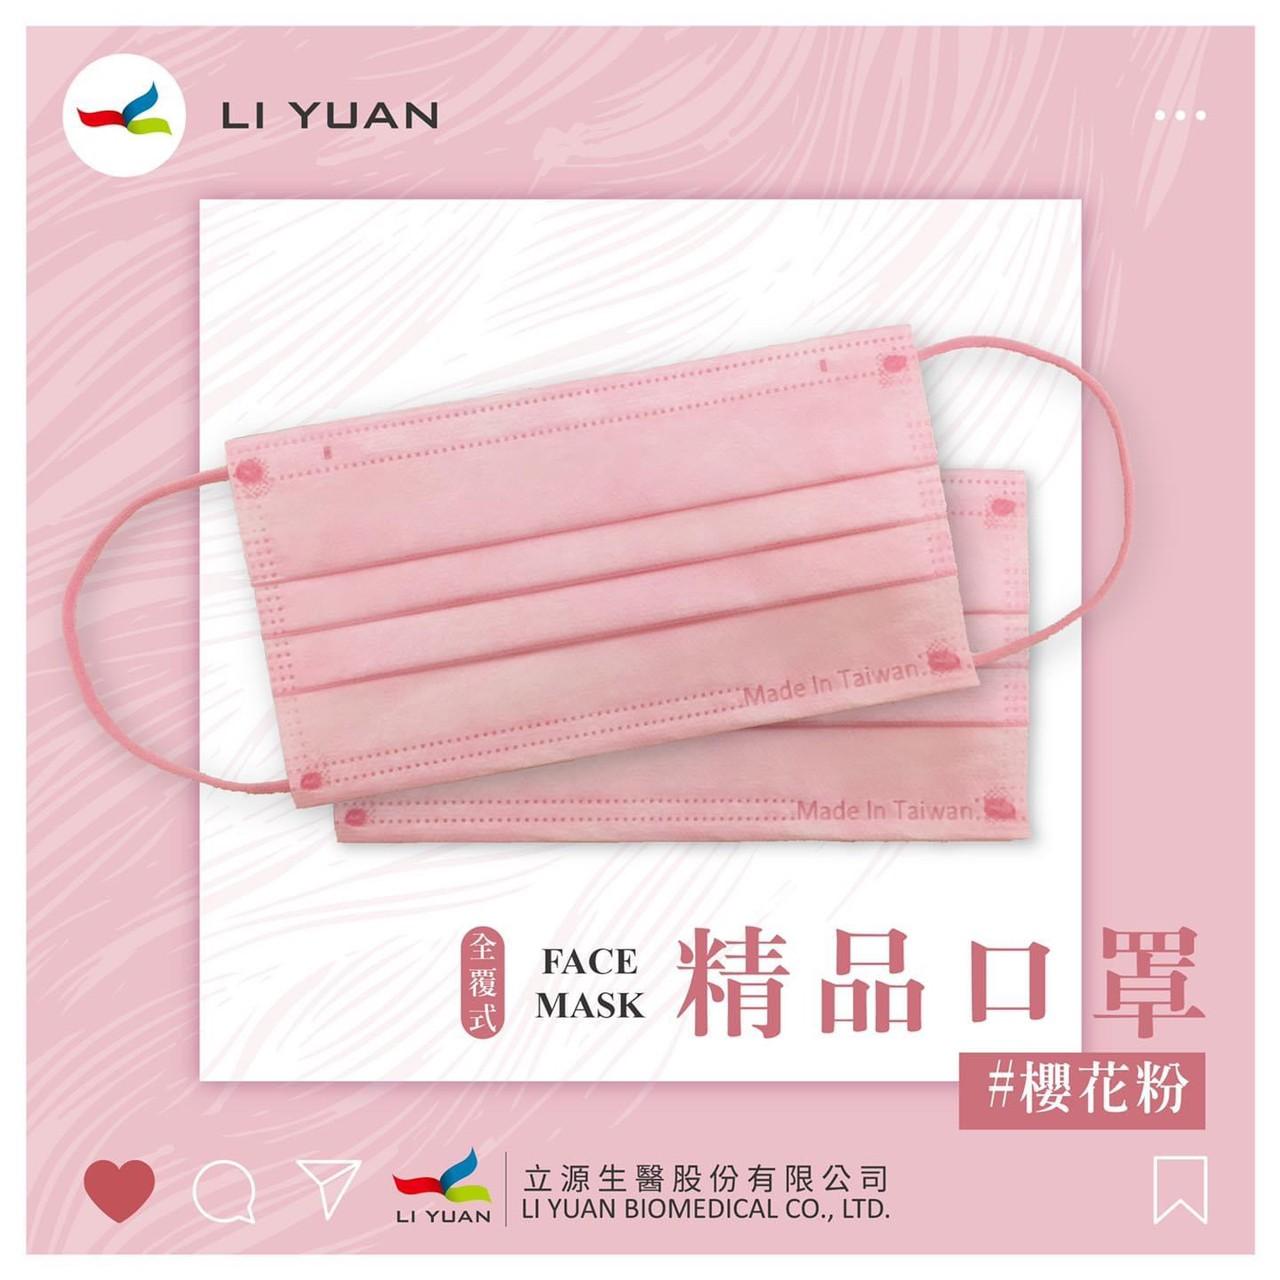 台灣製口罩 造型口罩 櫻花粉 粉紅色 淺色口罩